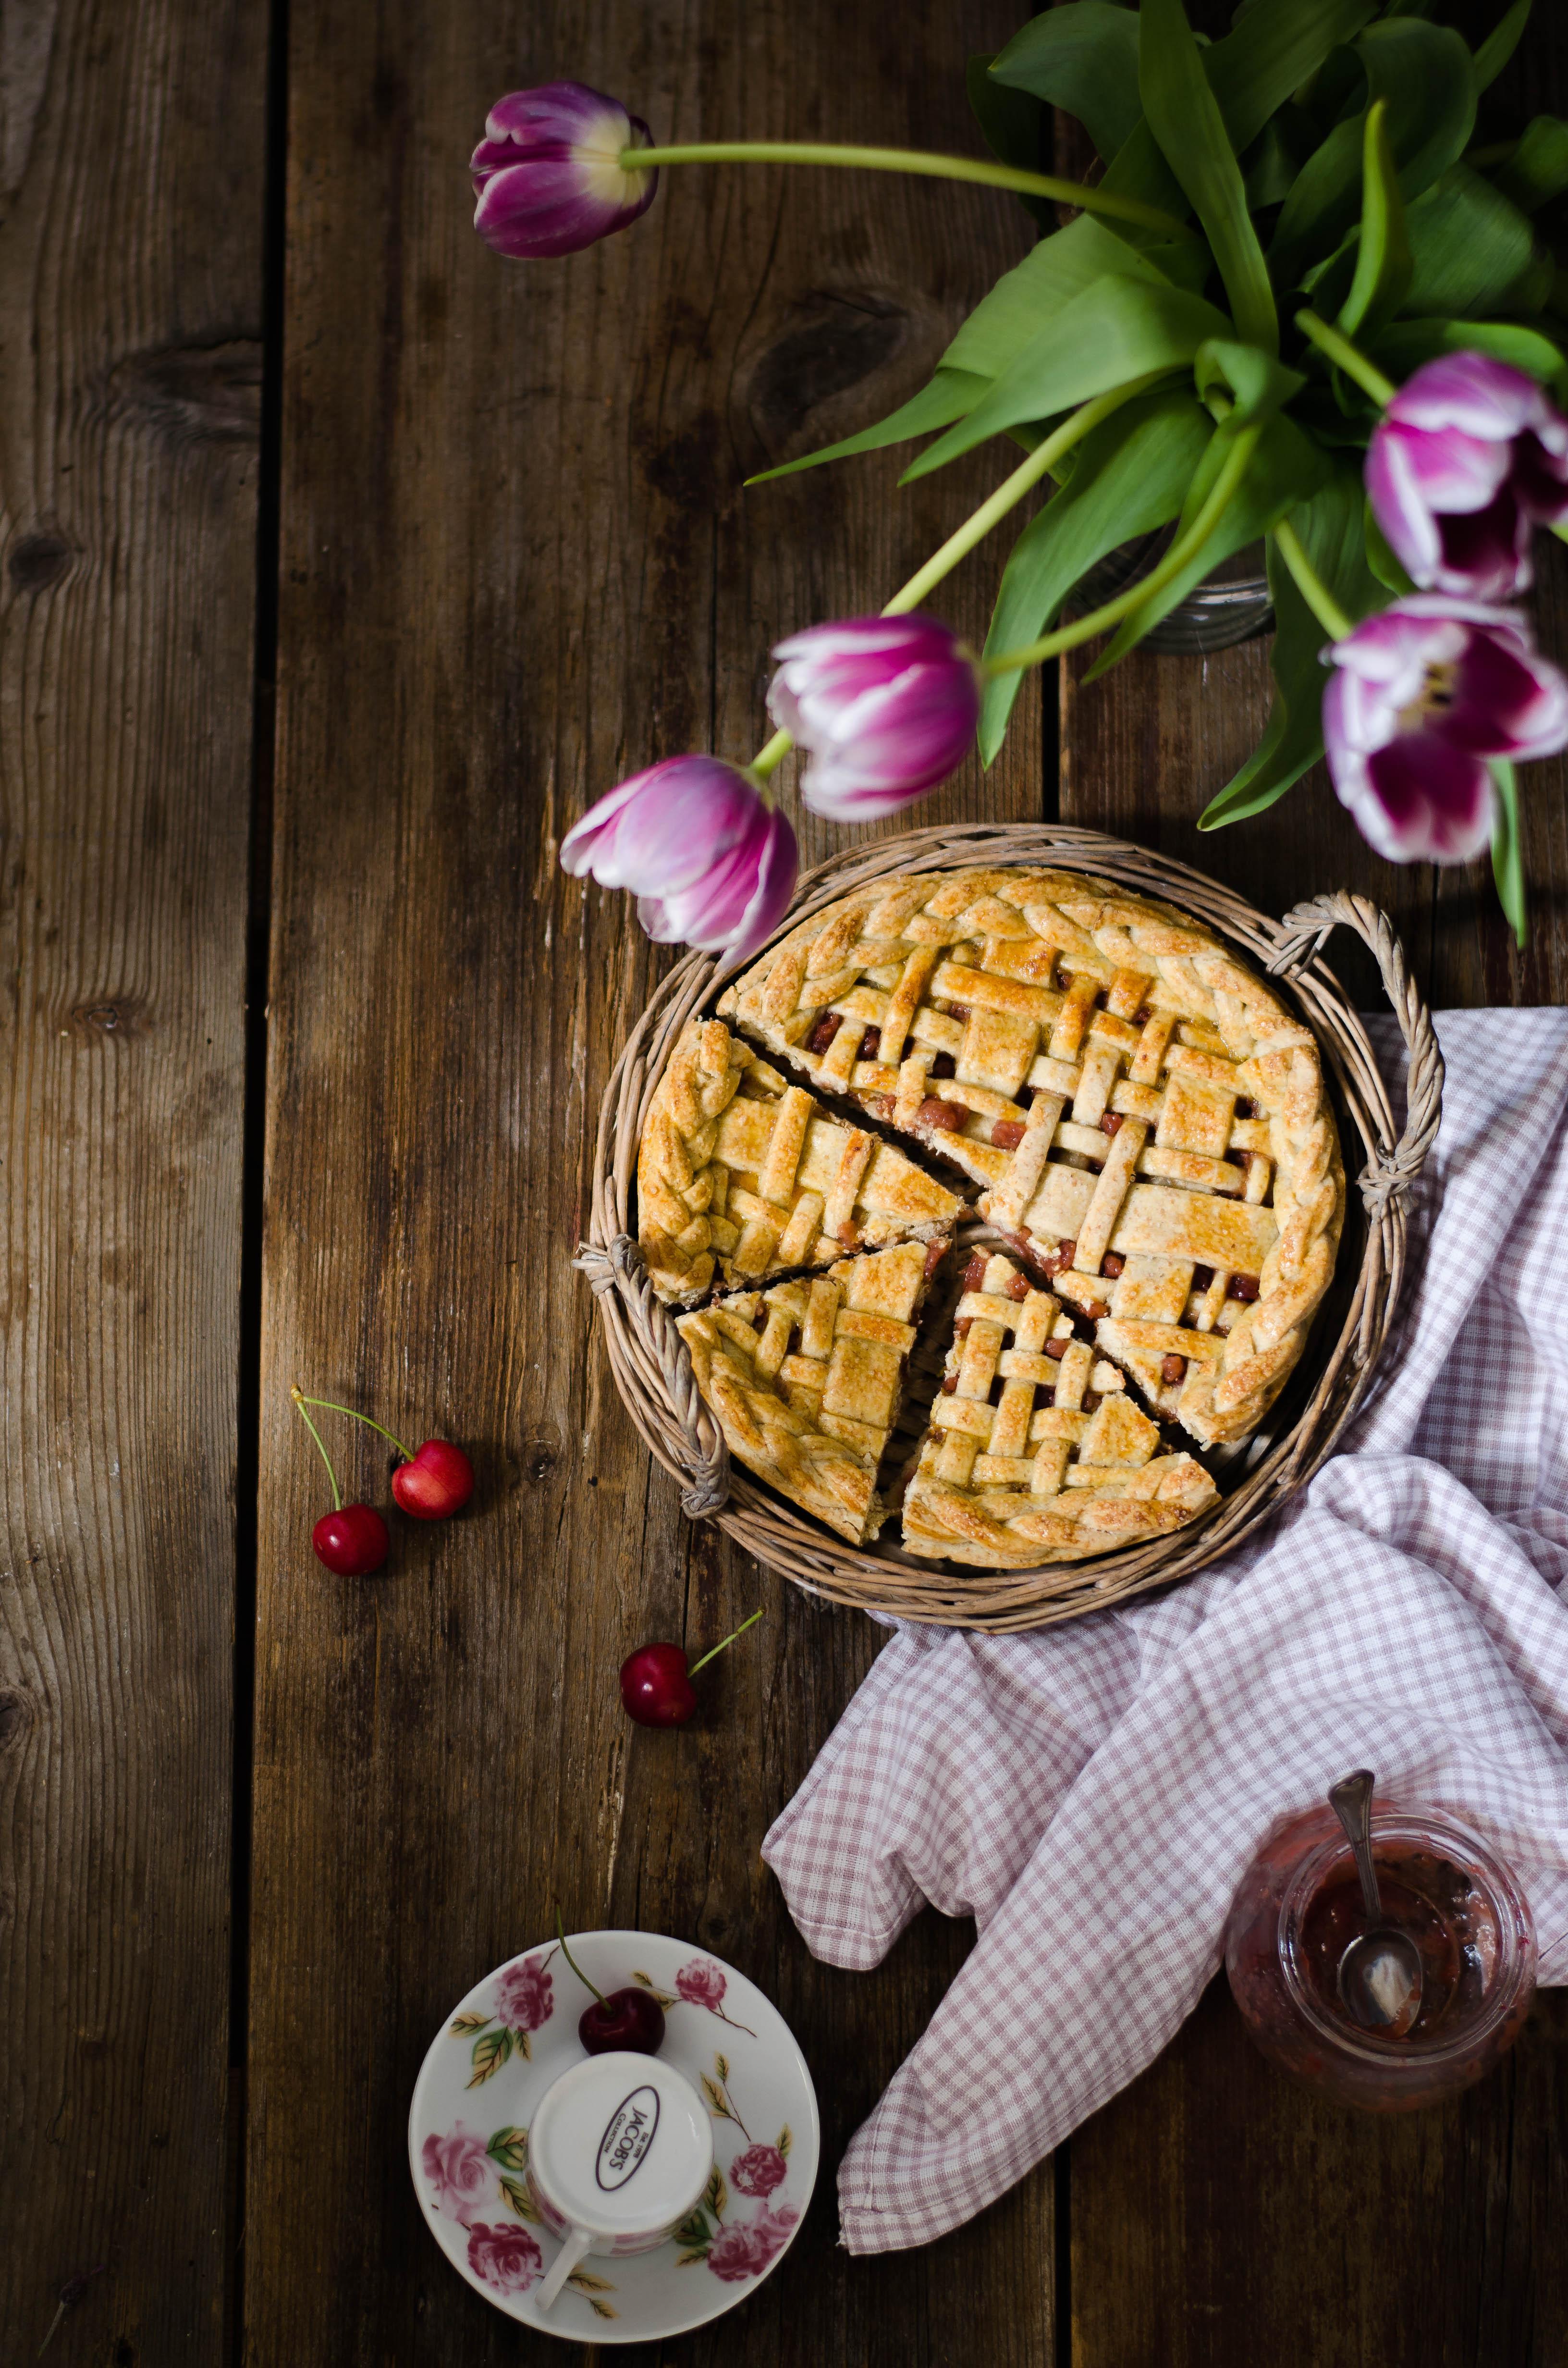 Pie_integrale_ciliegie2 Pie integrale con confettura di ciliegie